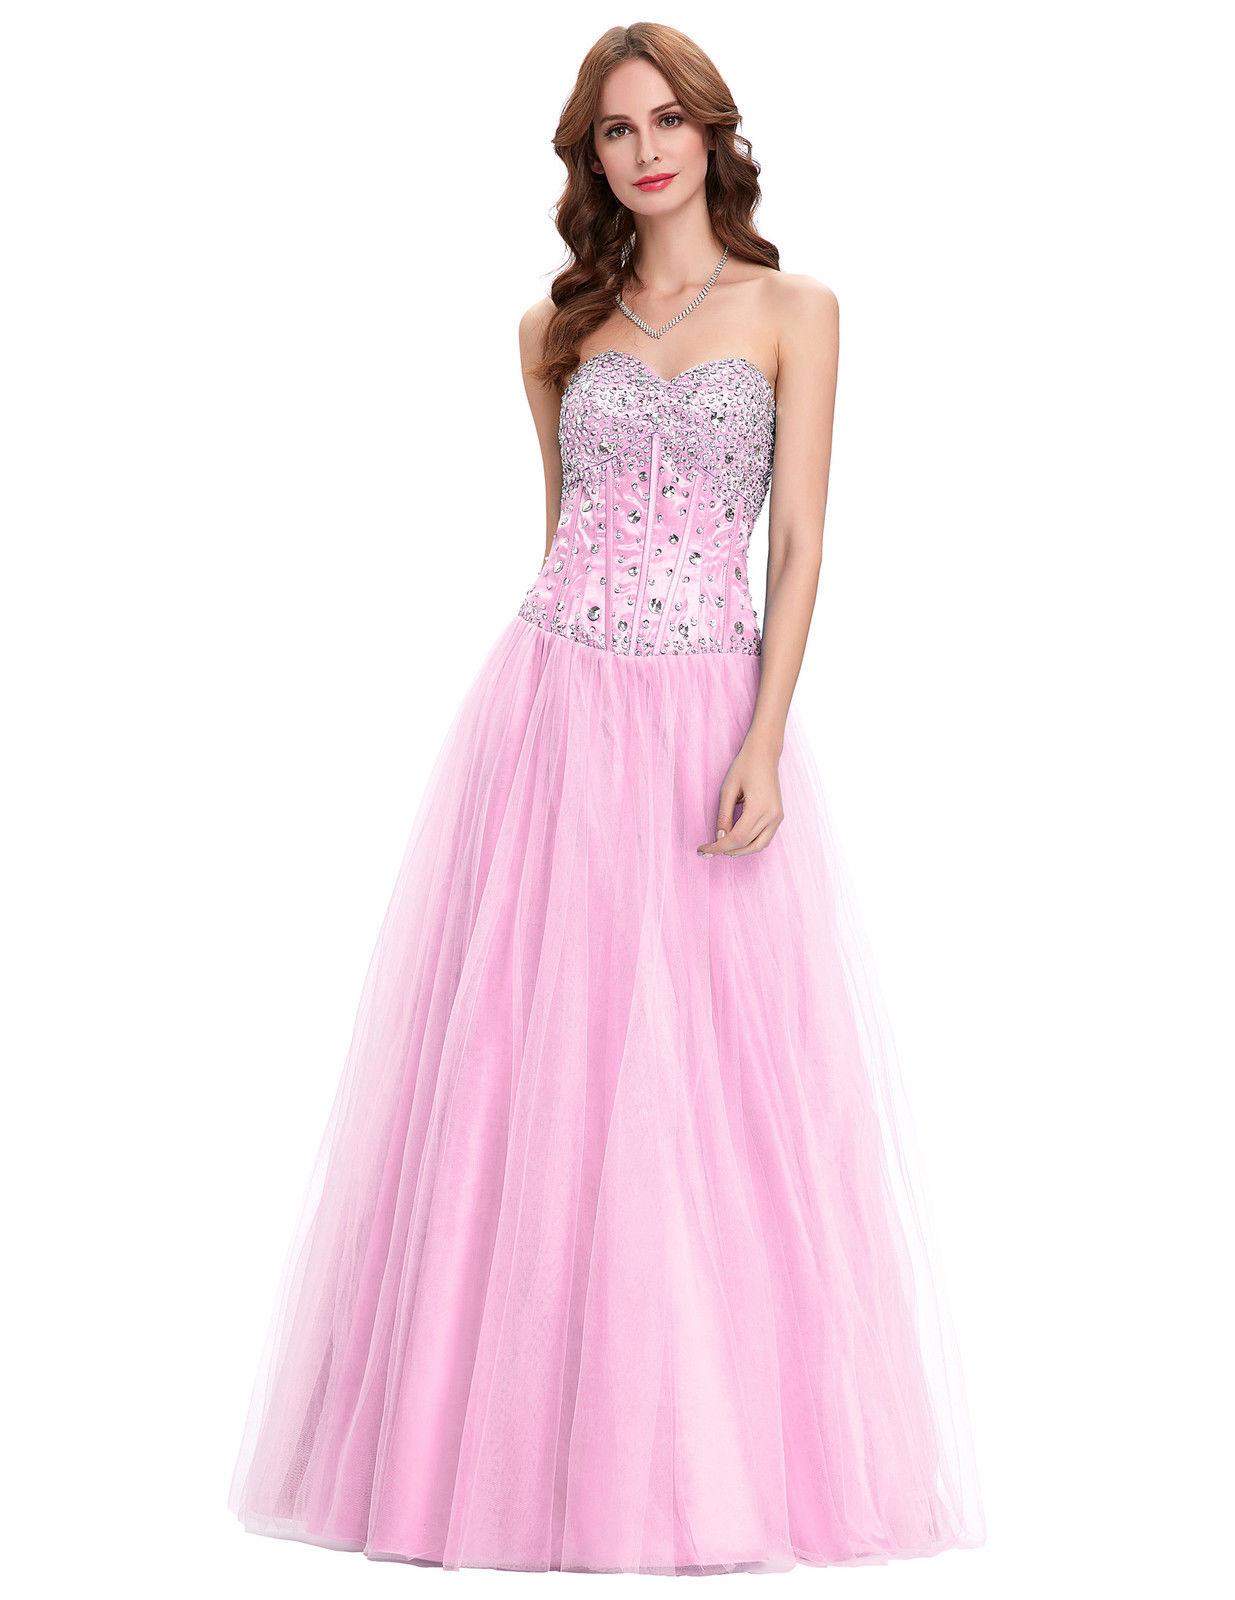 Růžové šaty na svatbu do tanečních ples  58b61eb773